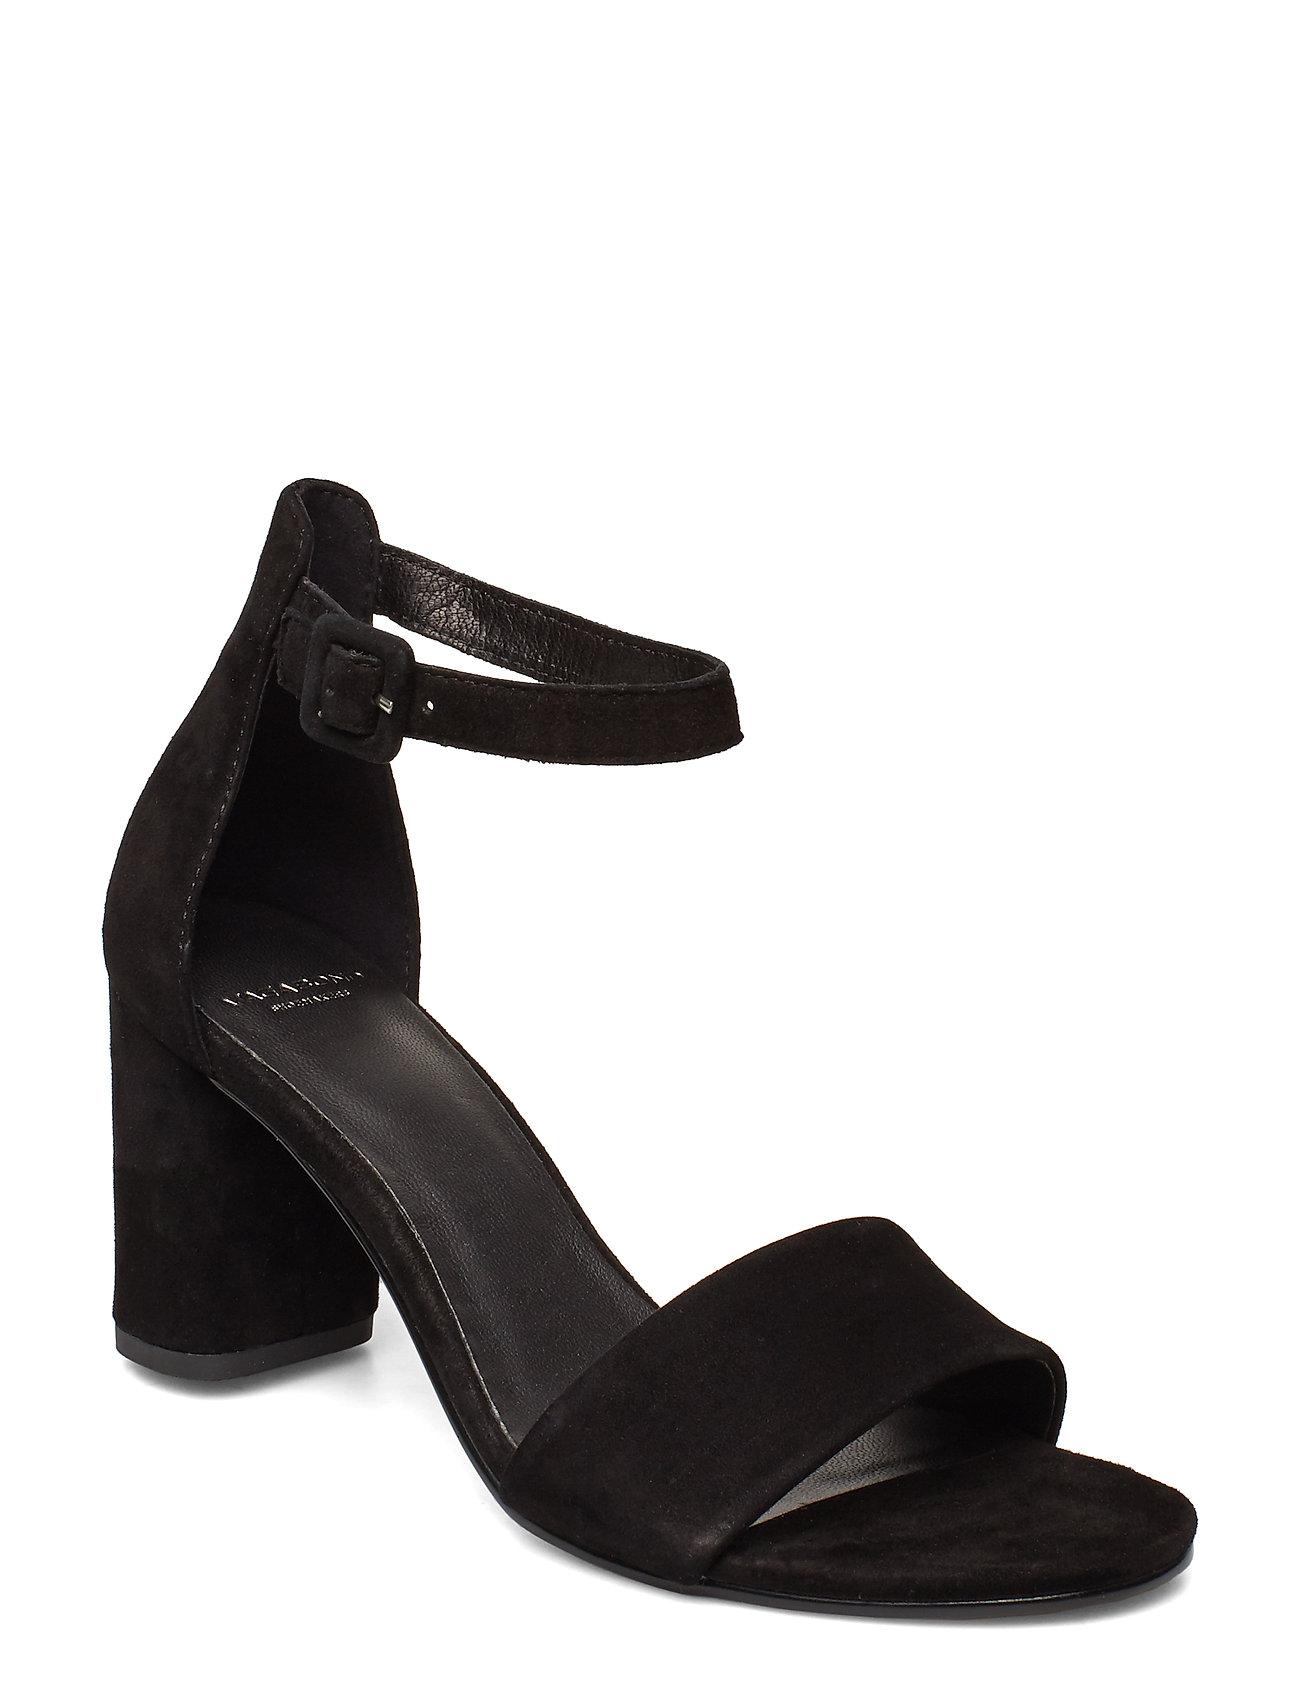 16db188e VAGABOND højhælede sandaler – Penny til dame i Sort - Pashion.dk